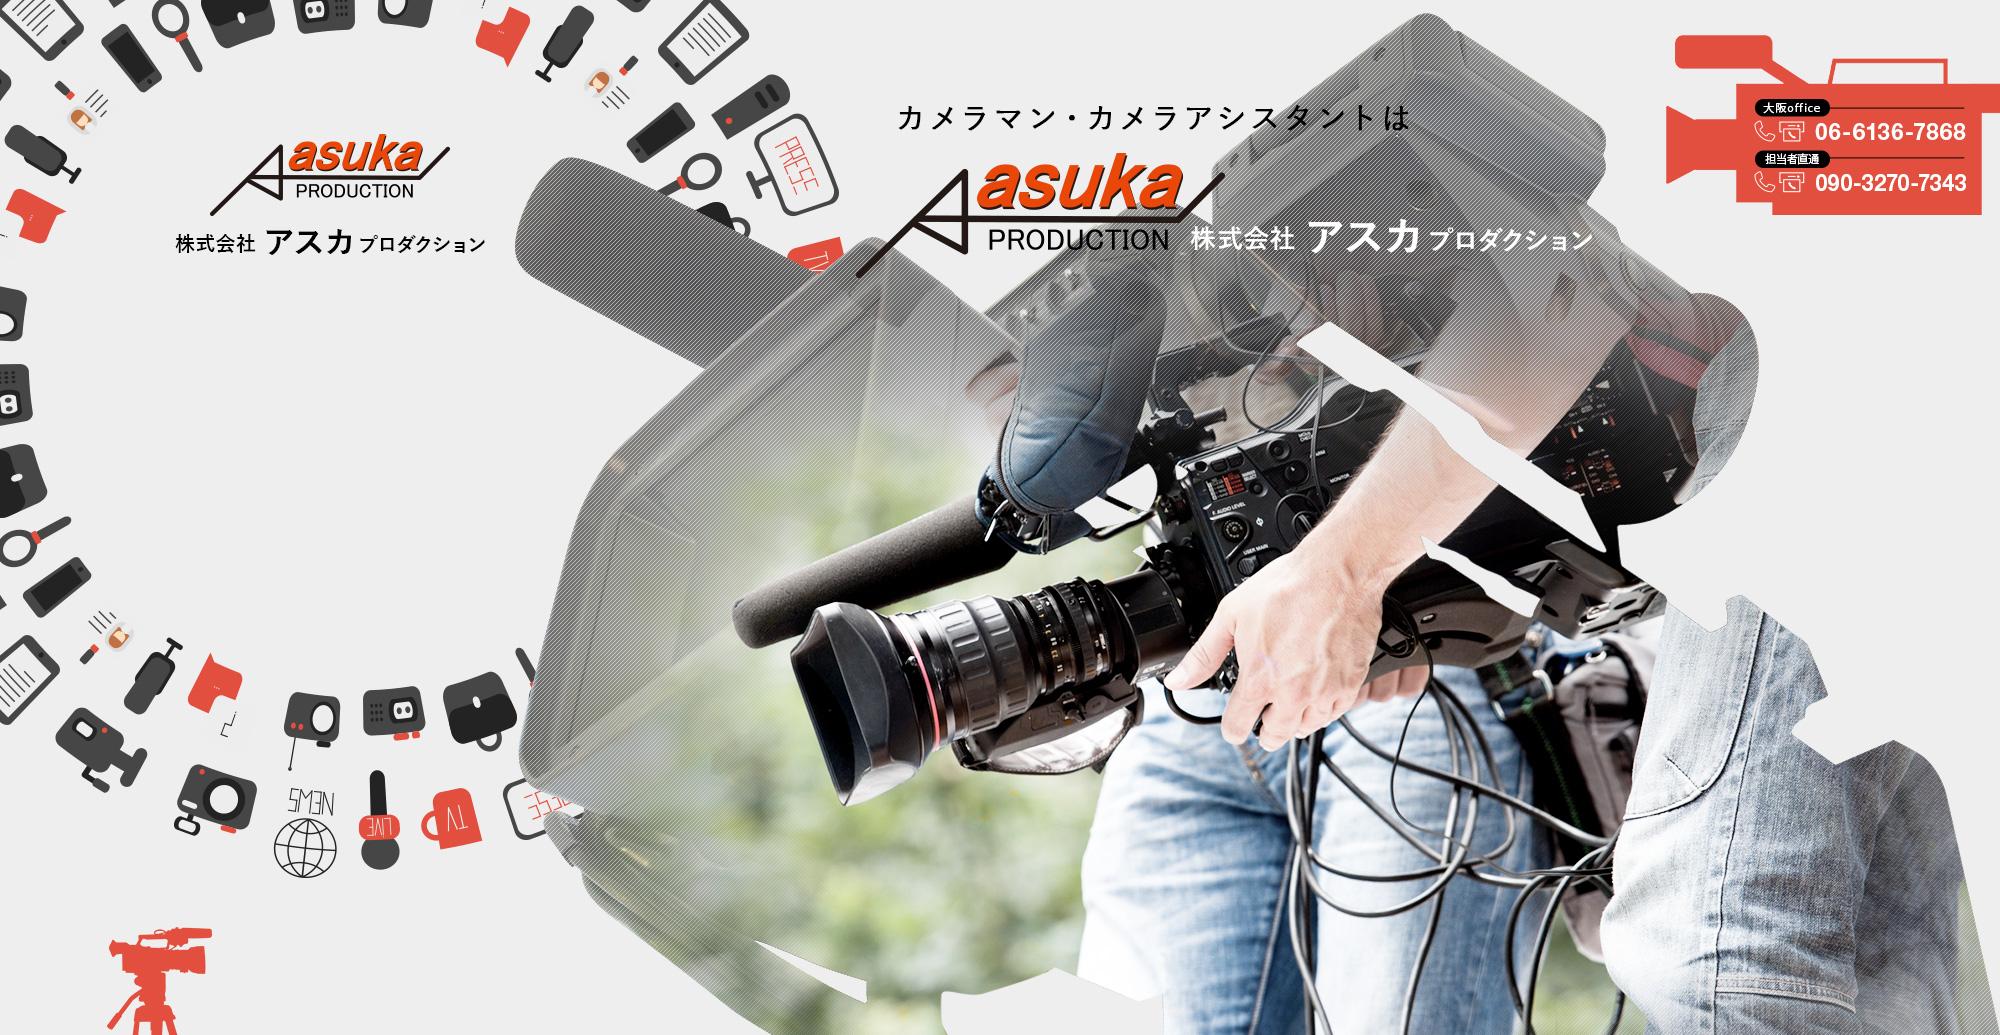 カメラマン・カメラアシスタントは株式会社アスカプロダクション